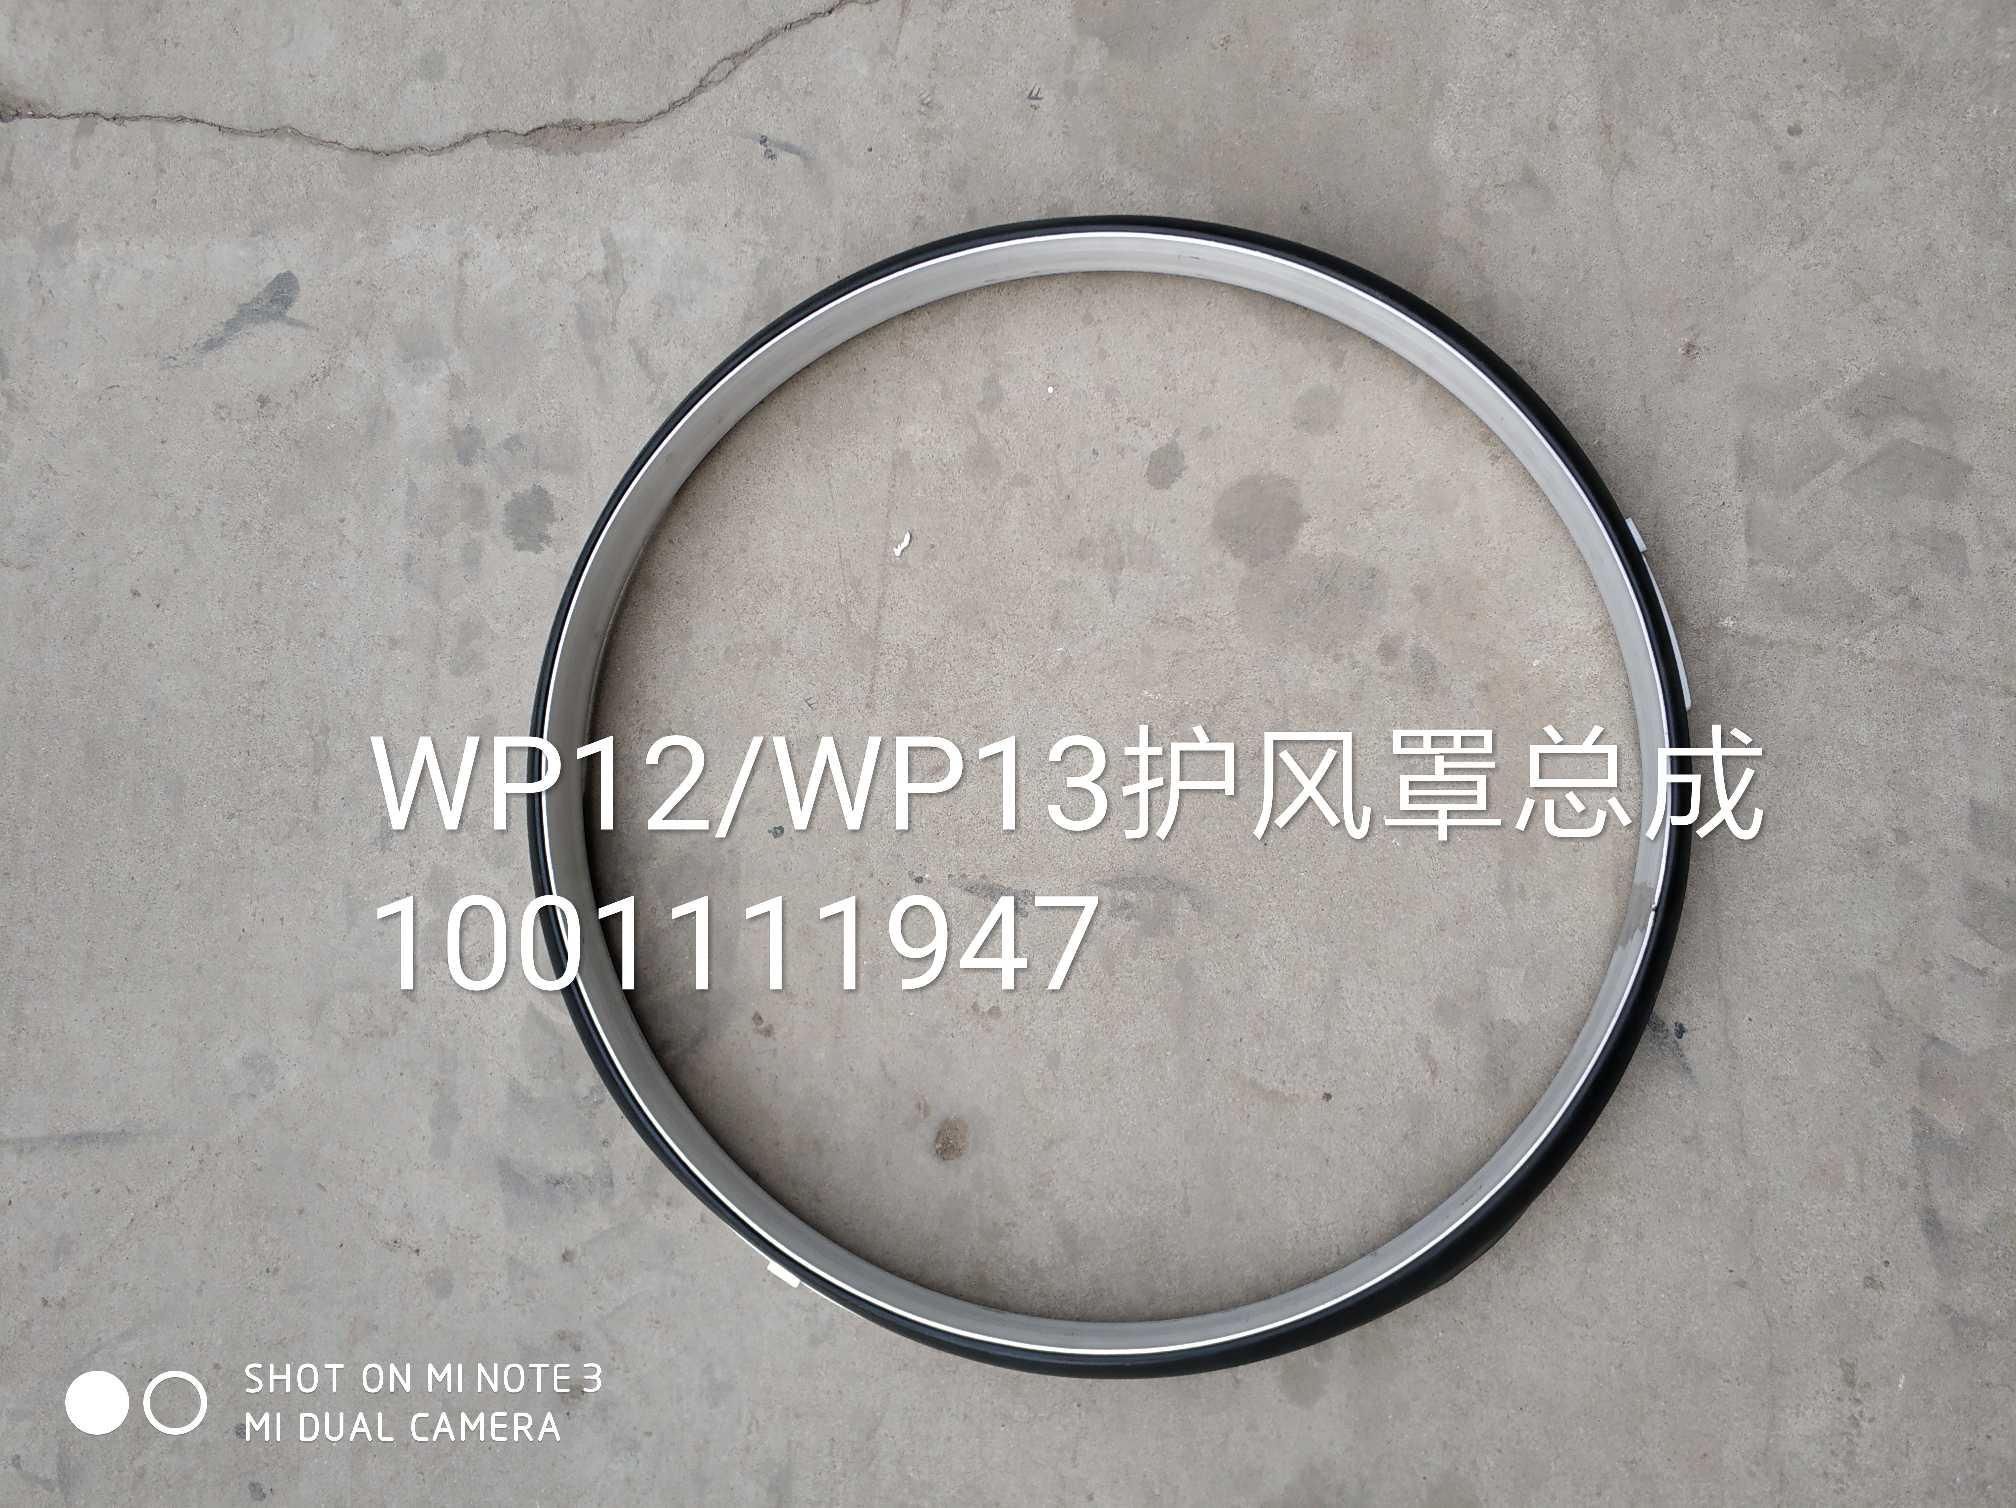 WP12/WP13护风罩总成1001111947